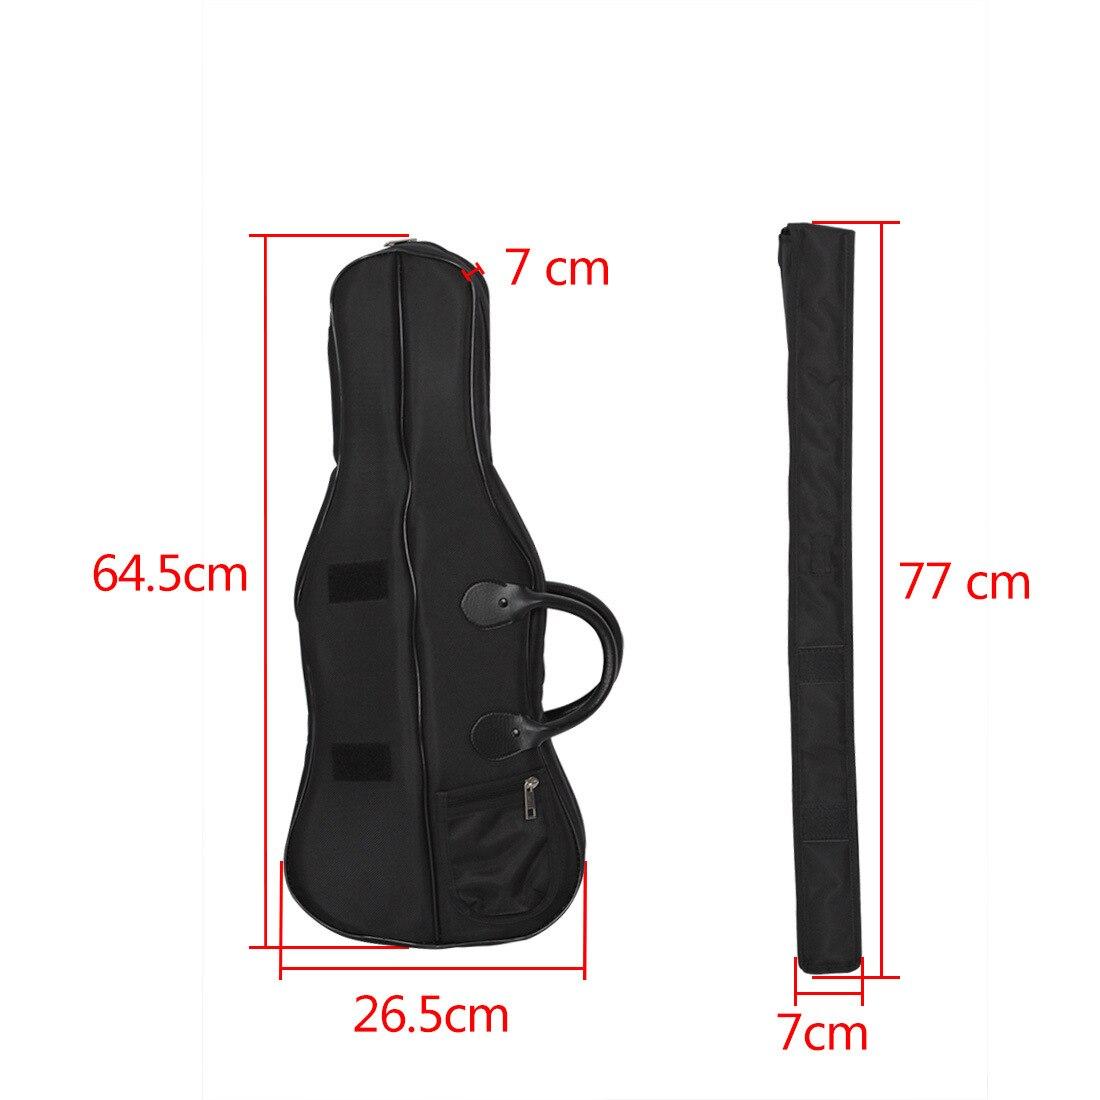 Custodia Protezione Di Impermeabile irin Accessorio Scatola 4 4 Morbida Mano Immagazzinaggio Sacchetto Hch Violino Oxford Uw6qfUX